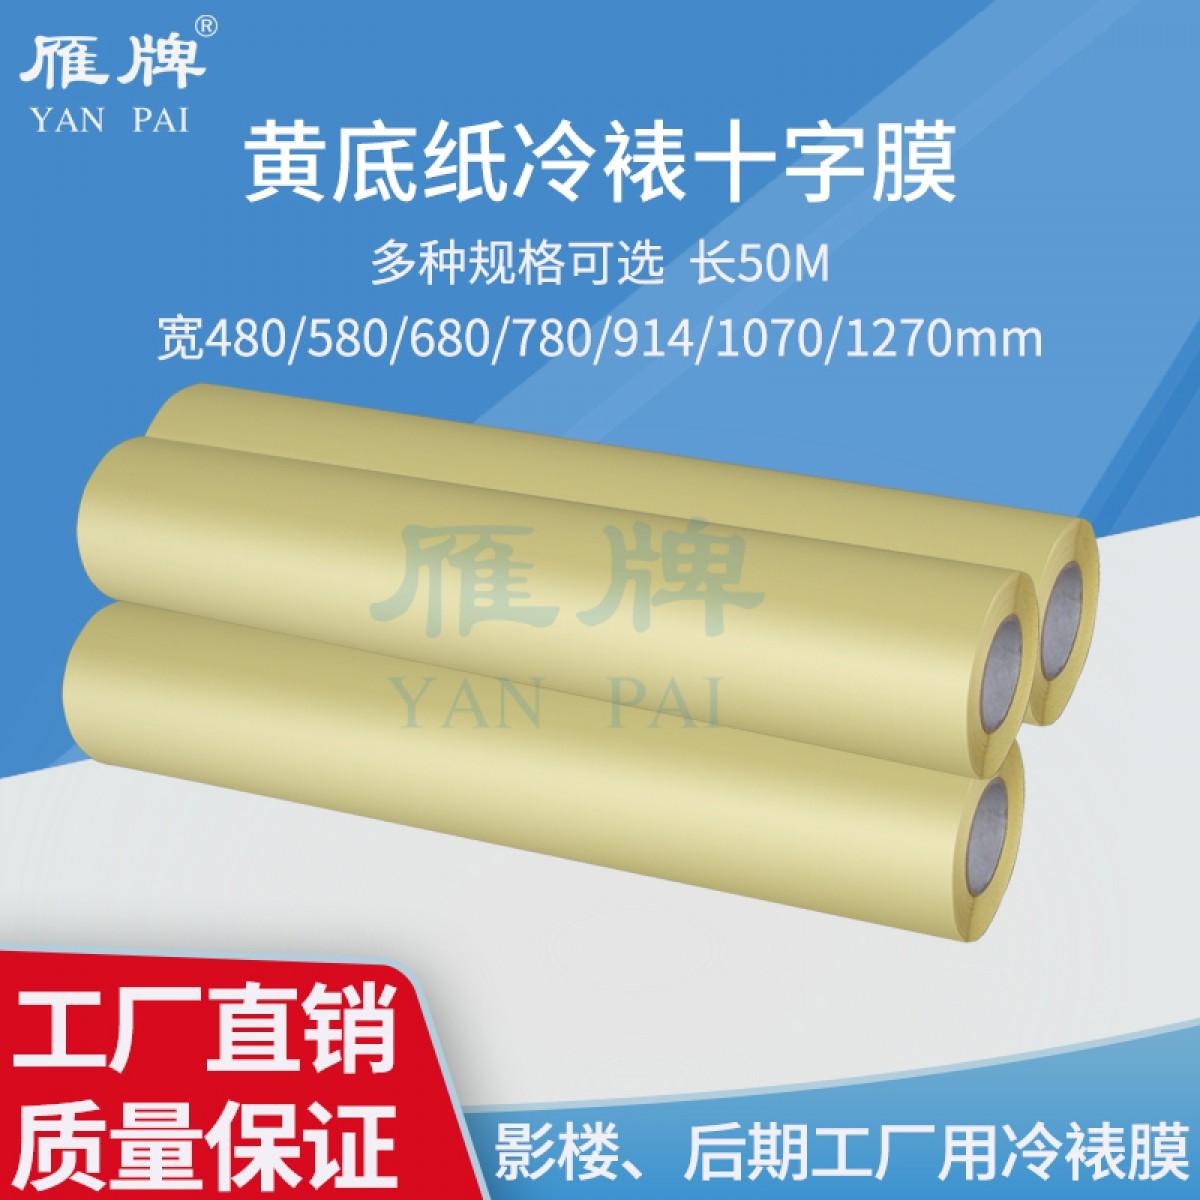 雁牌特惠80黄底纸冷裱膜影楼后期工厂用卷筒冷裱膜十字膜